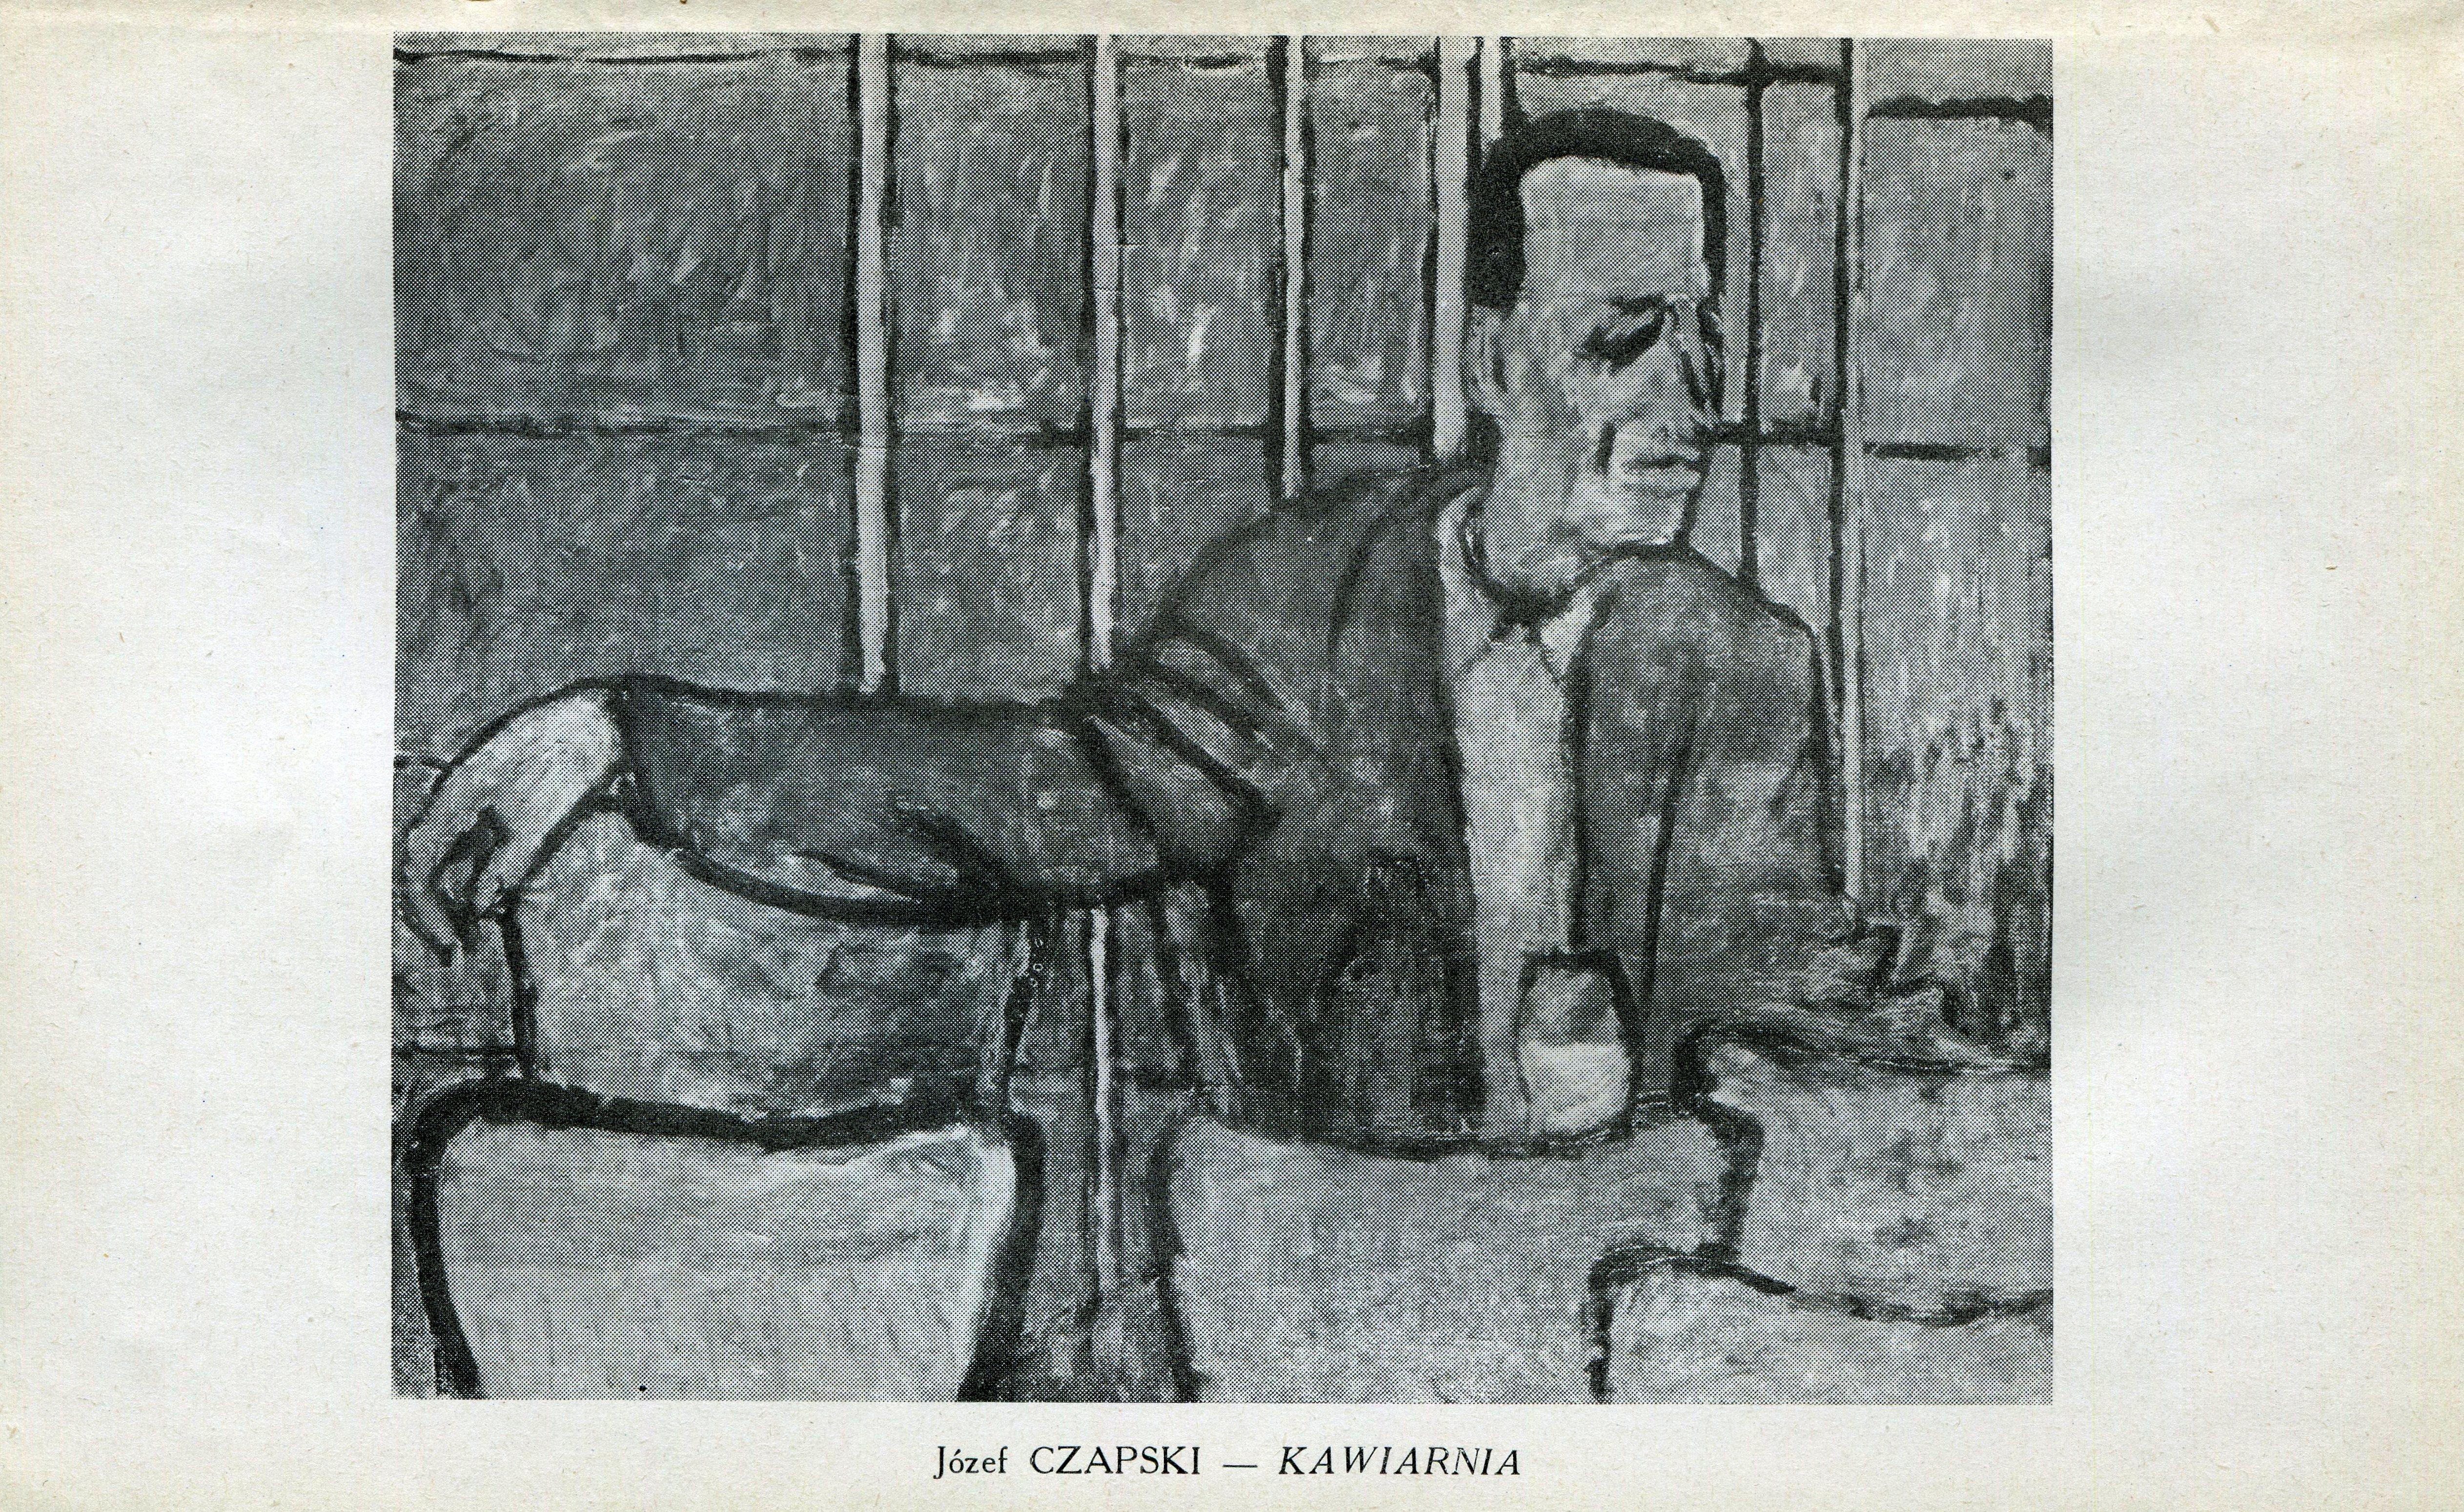 """<div class='inner-box'><div class='close-desc'></div><span class='opis'>Józef Czapski, obraz """"Kawiarnia"""" - """"Kultura"""" nr 12/134, 1958 r., wydrukowany pomiędzy stronami 144-145. Reprodukowanemu obrazowi towarzyszy informacja: """"Nagroda plastyczna. W bieżącym roku redakcja """"Kultury"""" zakupiła obraz Józefa Czapskiego pt. """"Kawiarnia"""" , którego reprodukcję zamieszczamy w tym numerze. Obraz przedstawia mężczyznę (szare żółcie) na tle matowych szyb (zgaszone niebieskie zielenie), wśród krzeseł z cynobru, czerwieni i brązów."""" (str. 143).</span><div class='clearfix'></div><span>Sygn. AB00066</span><div class='clearfix'></div><span>© Instytut Literacki</span></div>"""